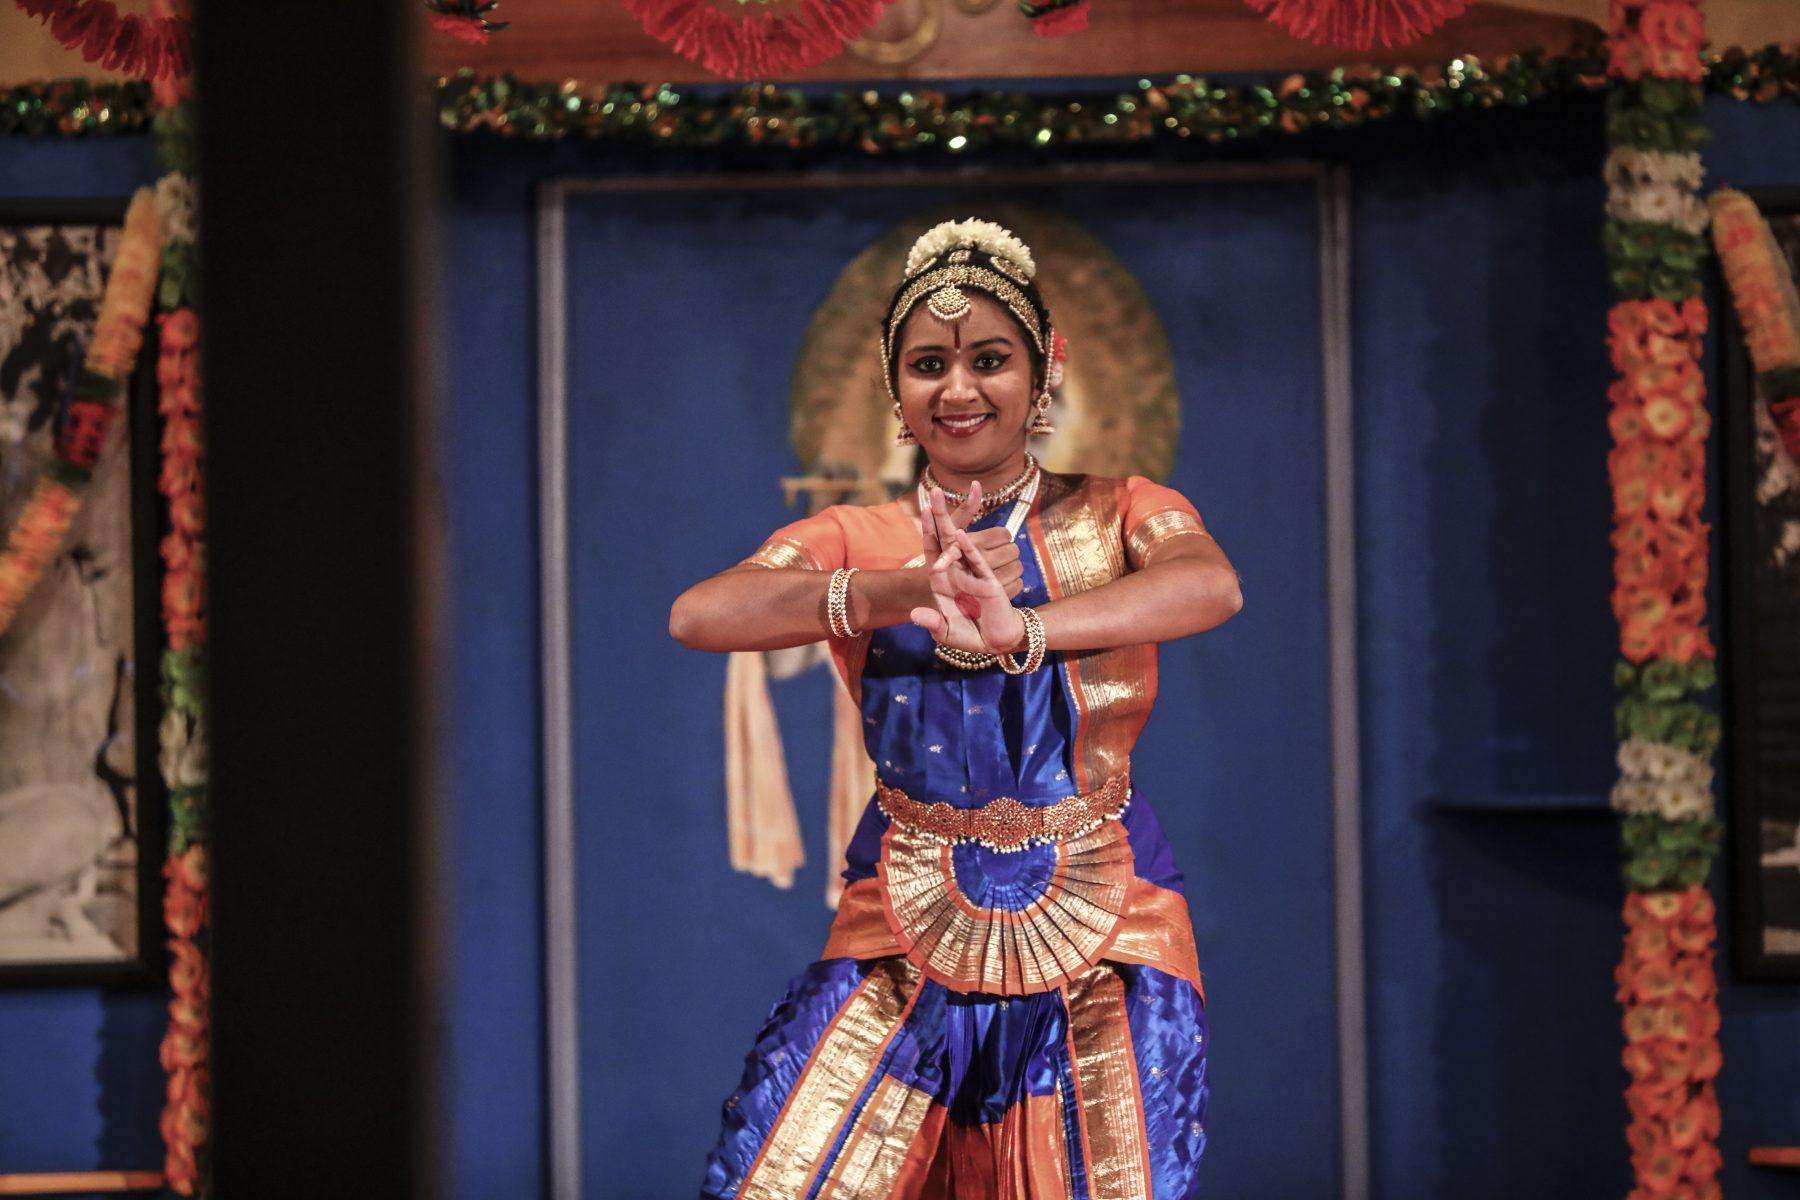 Special Evening Satsang: Bharatanatyam Dance Performance at the Sivananda Yoga Ranch